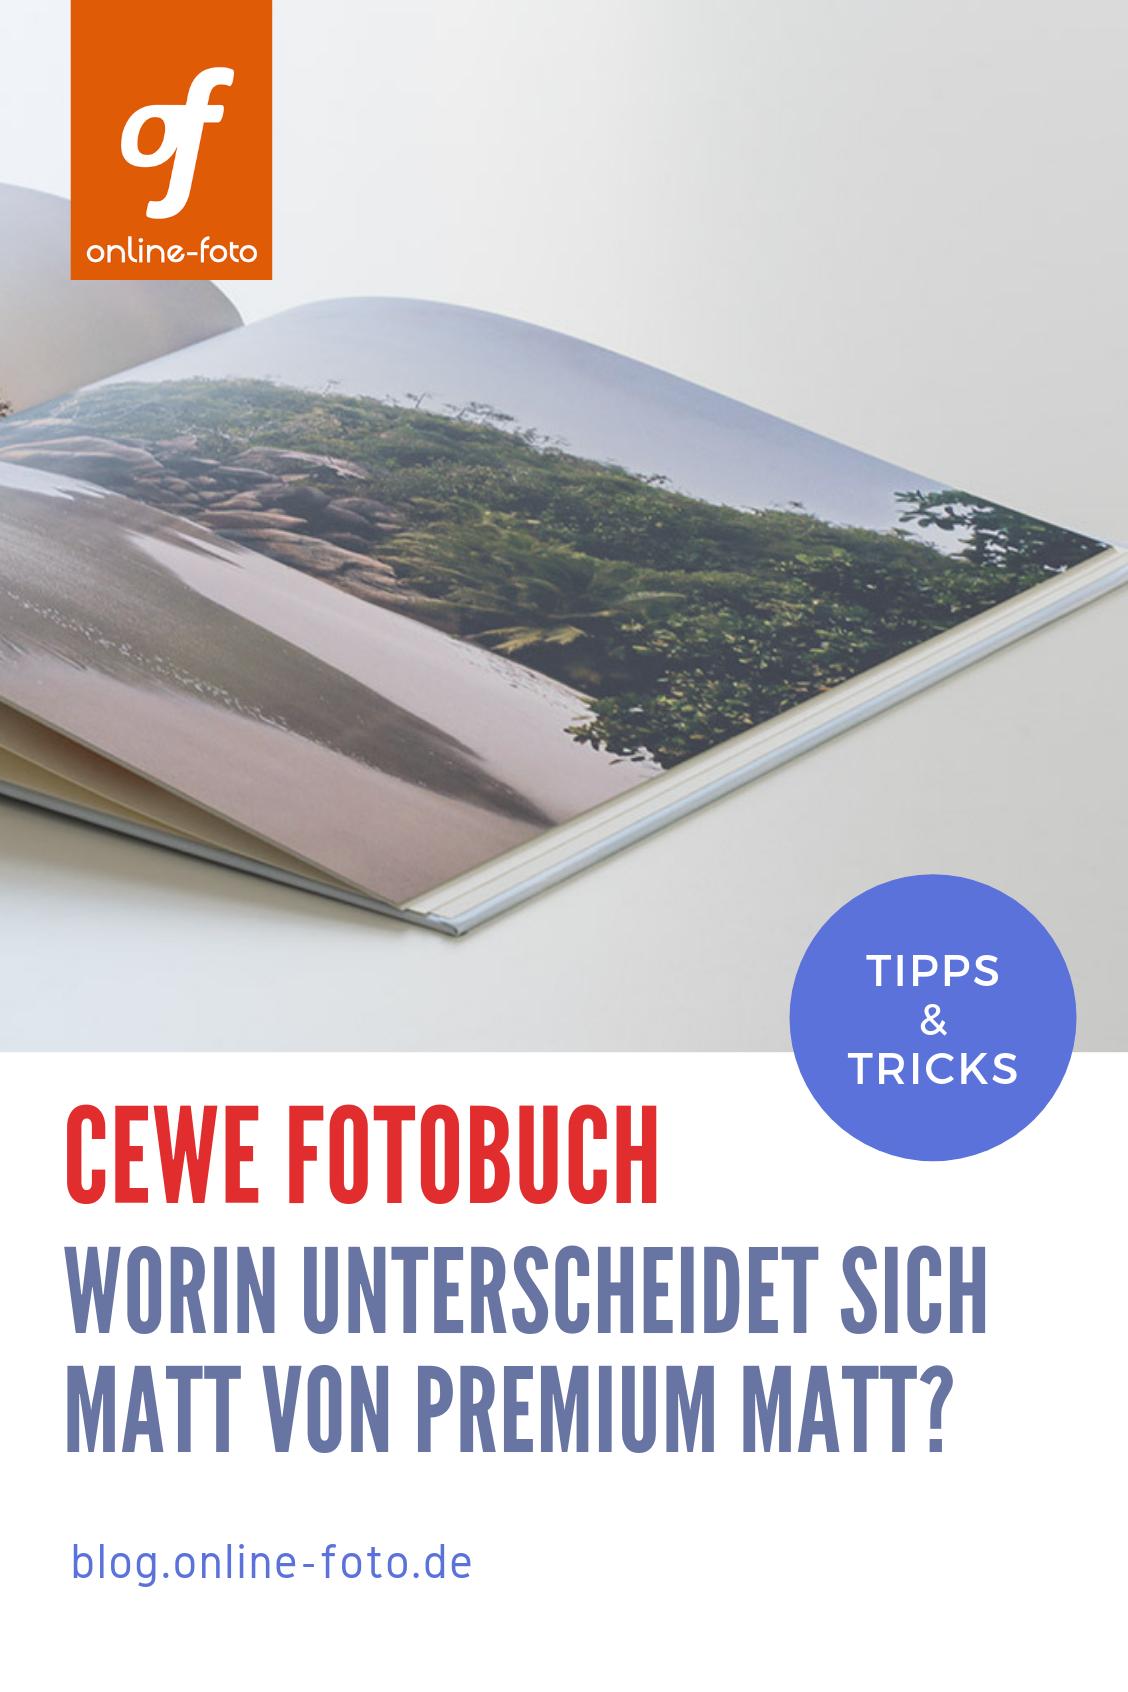 CEWE FOTOBUCH – Matt oder Premium-Matt?   Fotobuch, Fotos